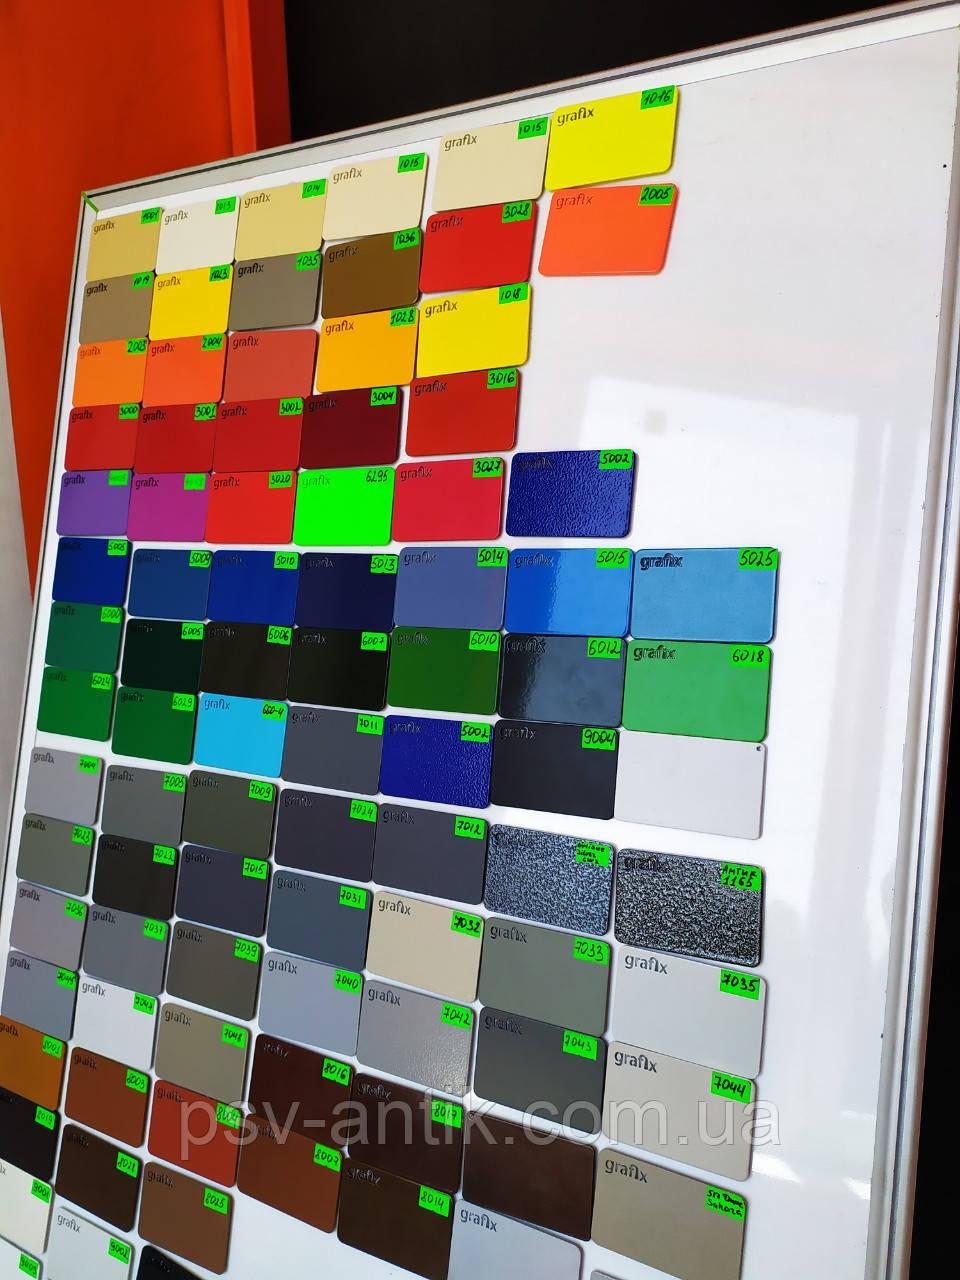 Порошковая краска глянцевая, полиэфирная, индустриальная, 5010